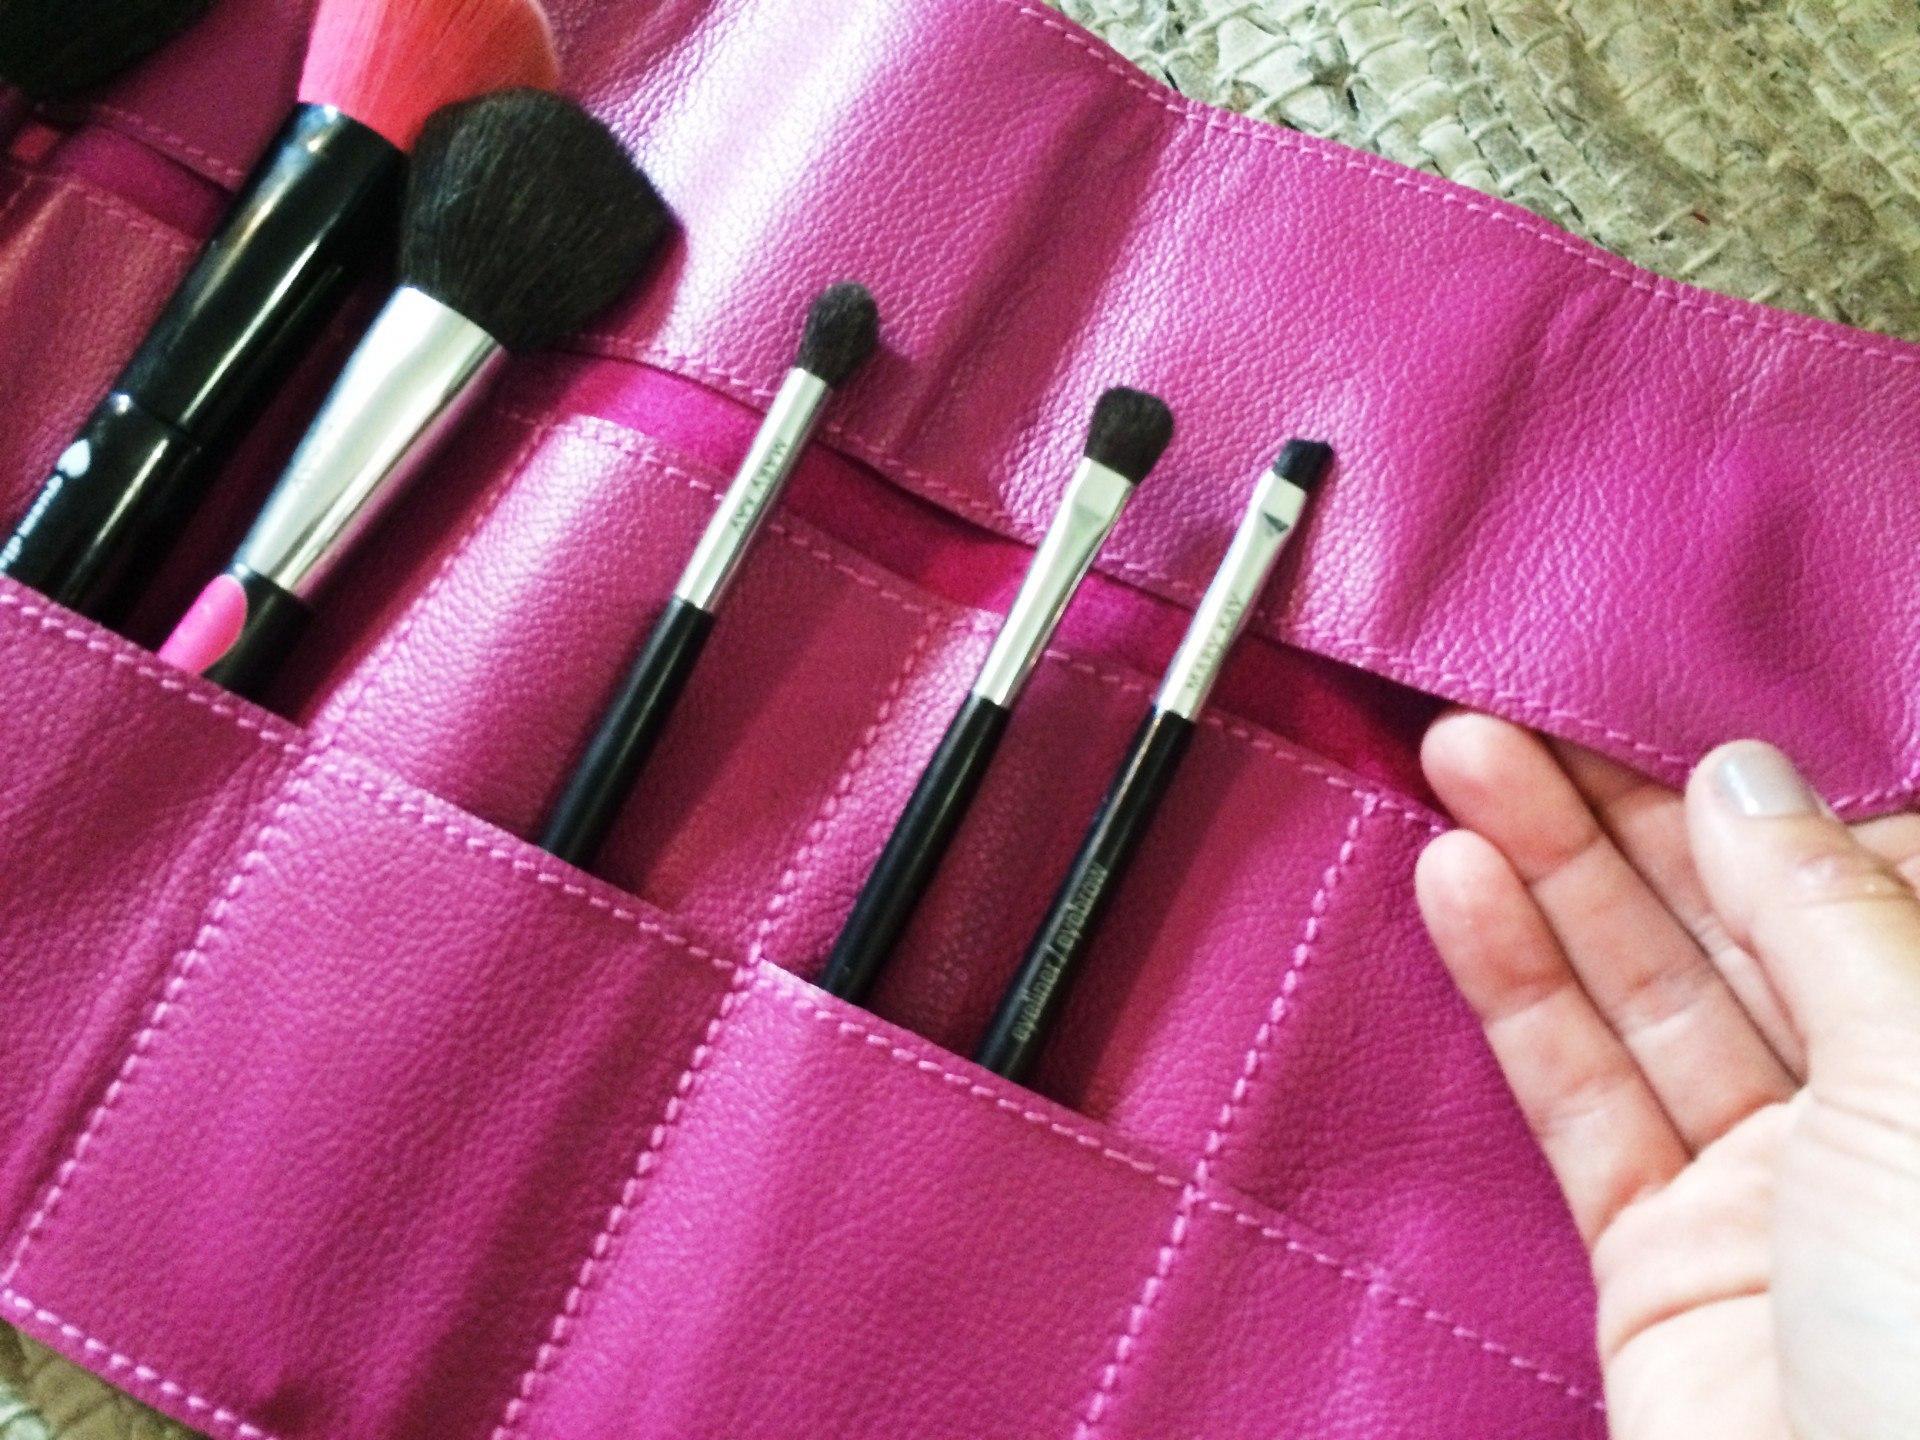 porta-pincel-de-maquiagem-pink1